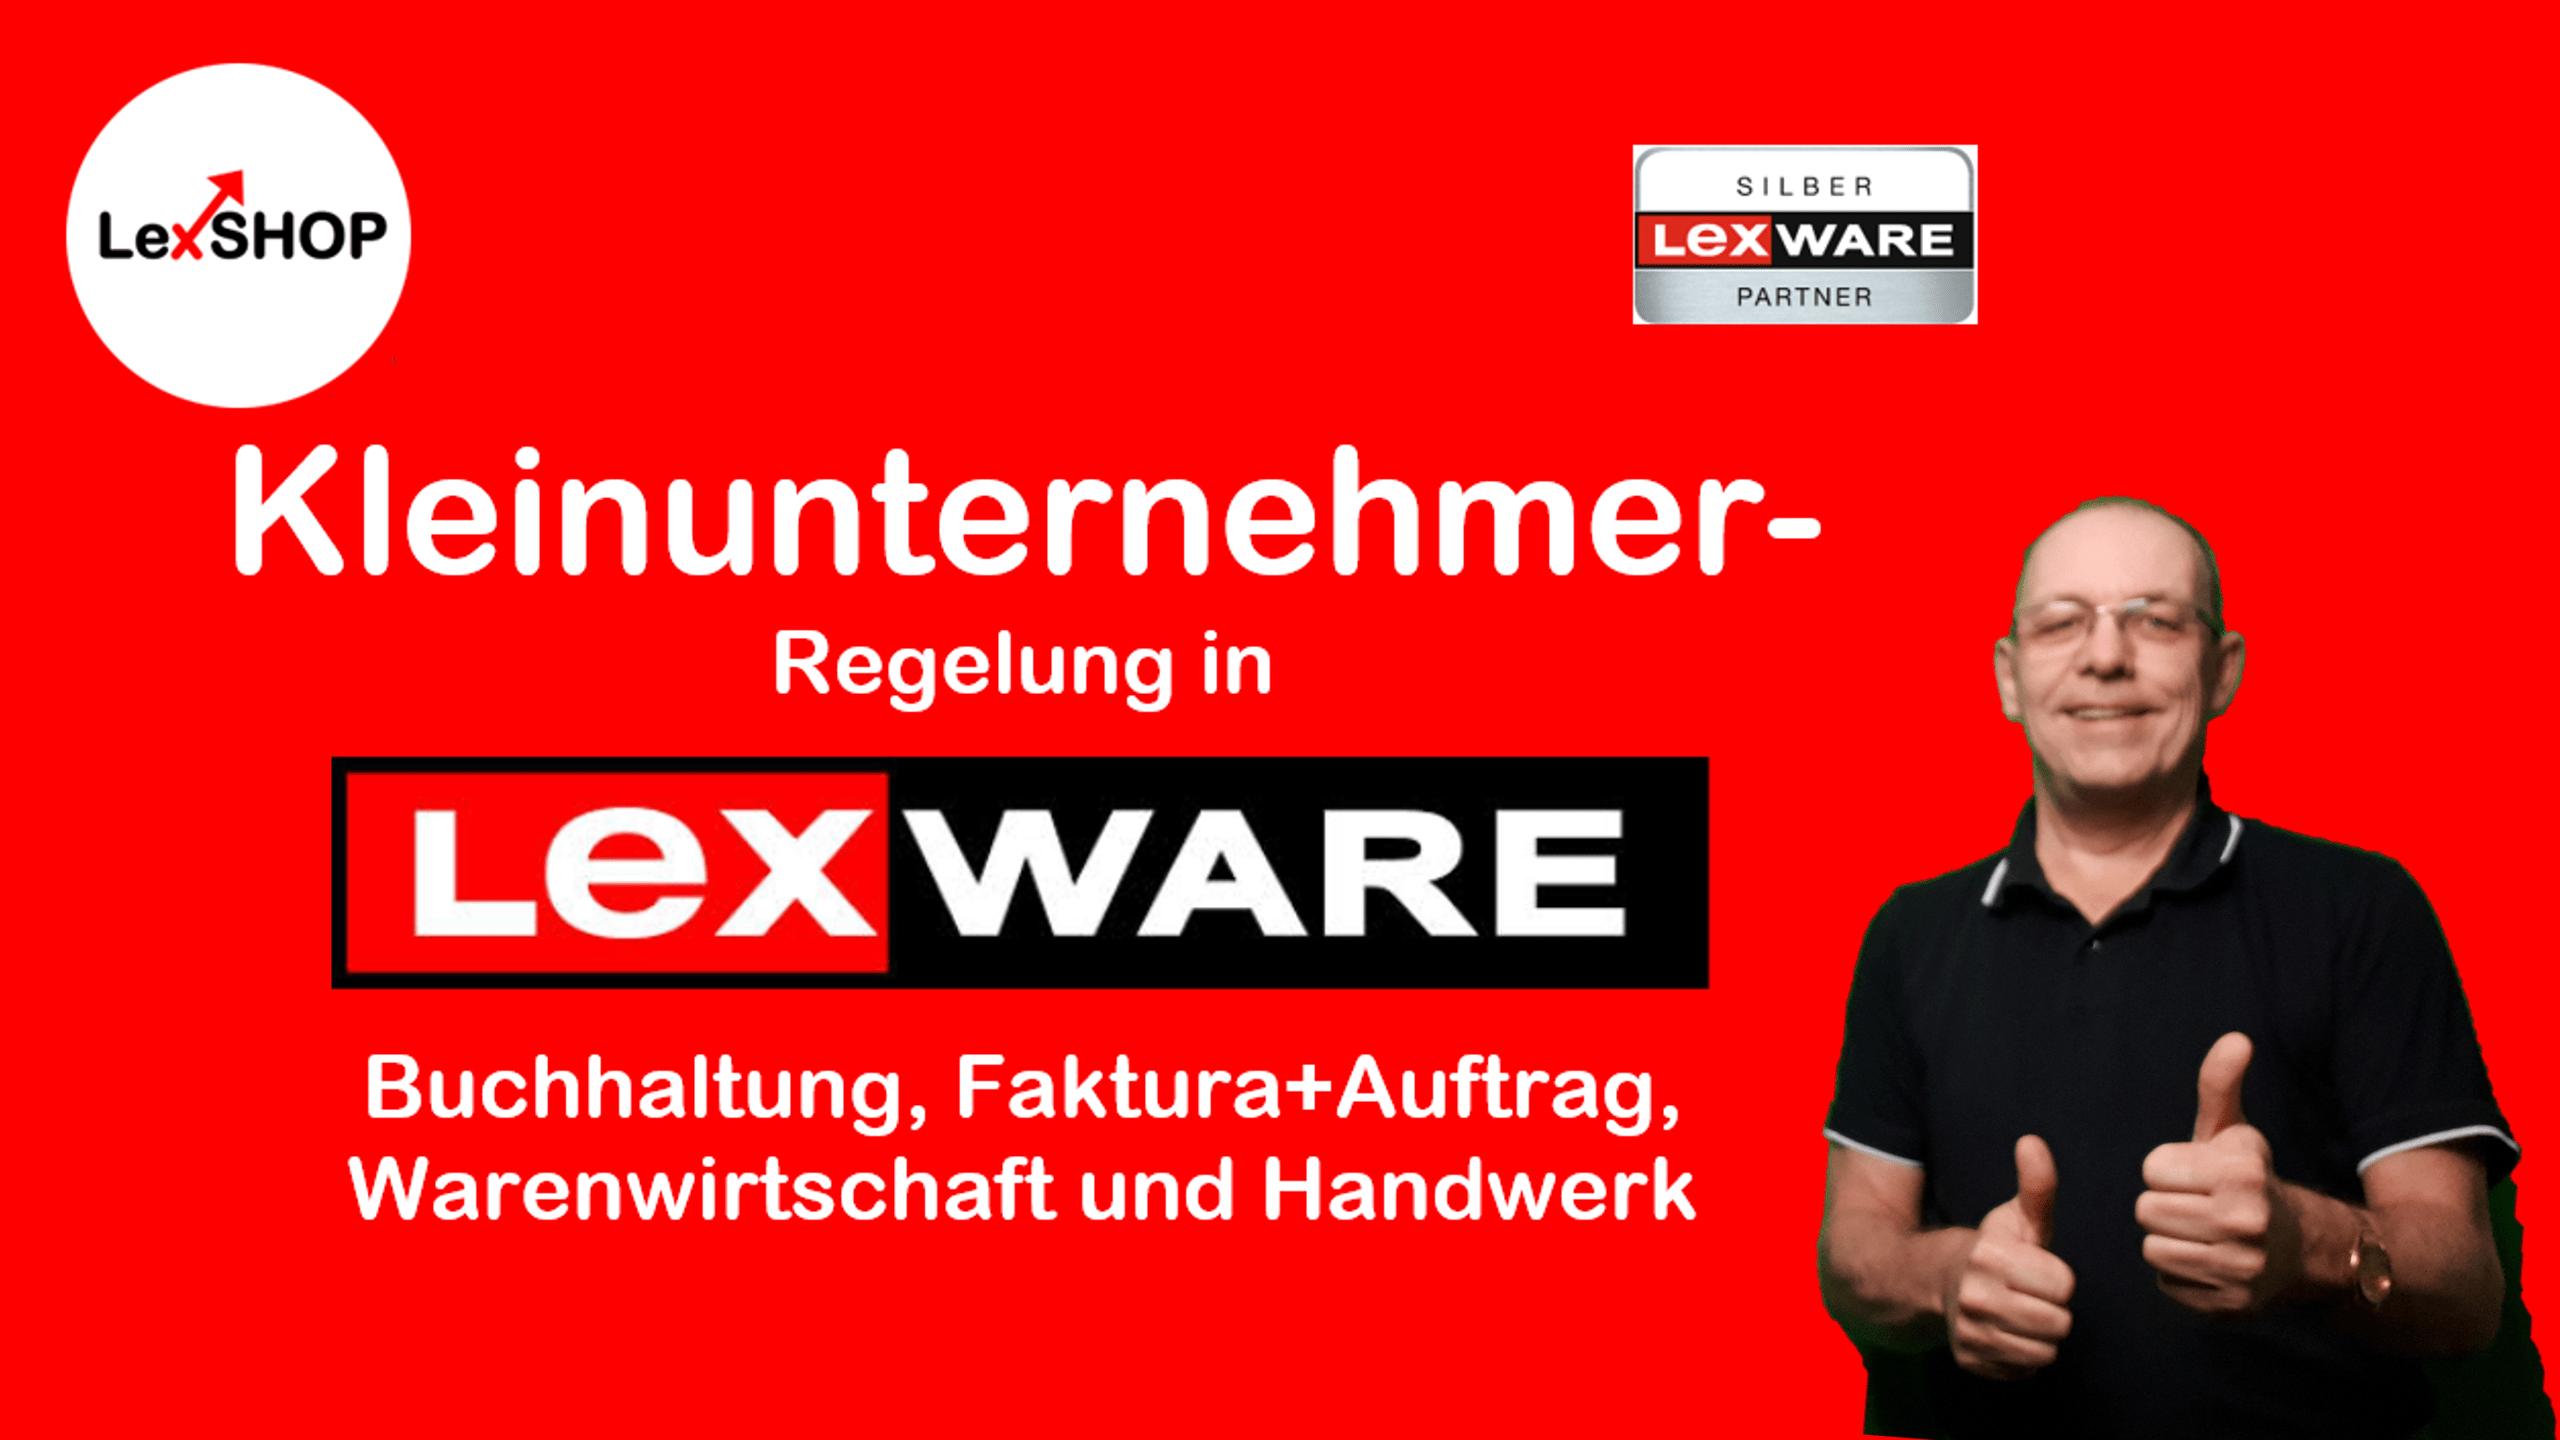 Kleinunternehmerregelung: Was ist das und wie setzt man das in Lexware buchhaltung, faktura+auftrag, warenwirtschaft oder Handwerk um?